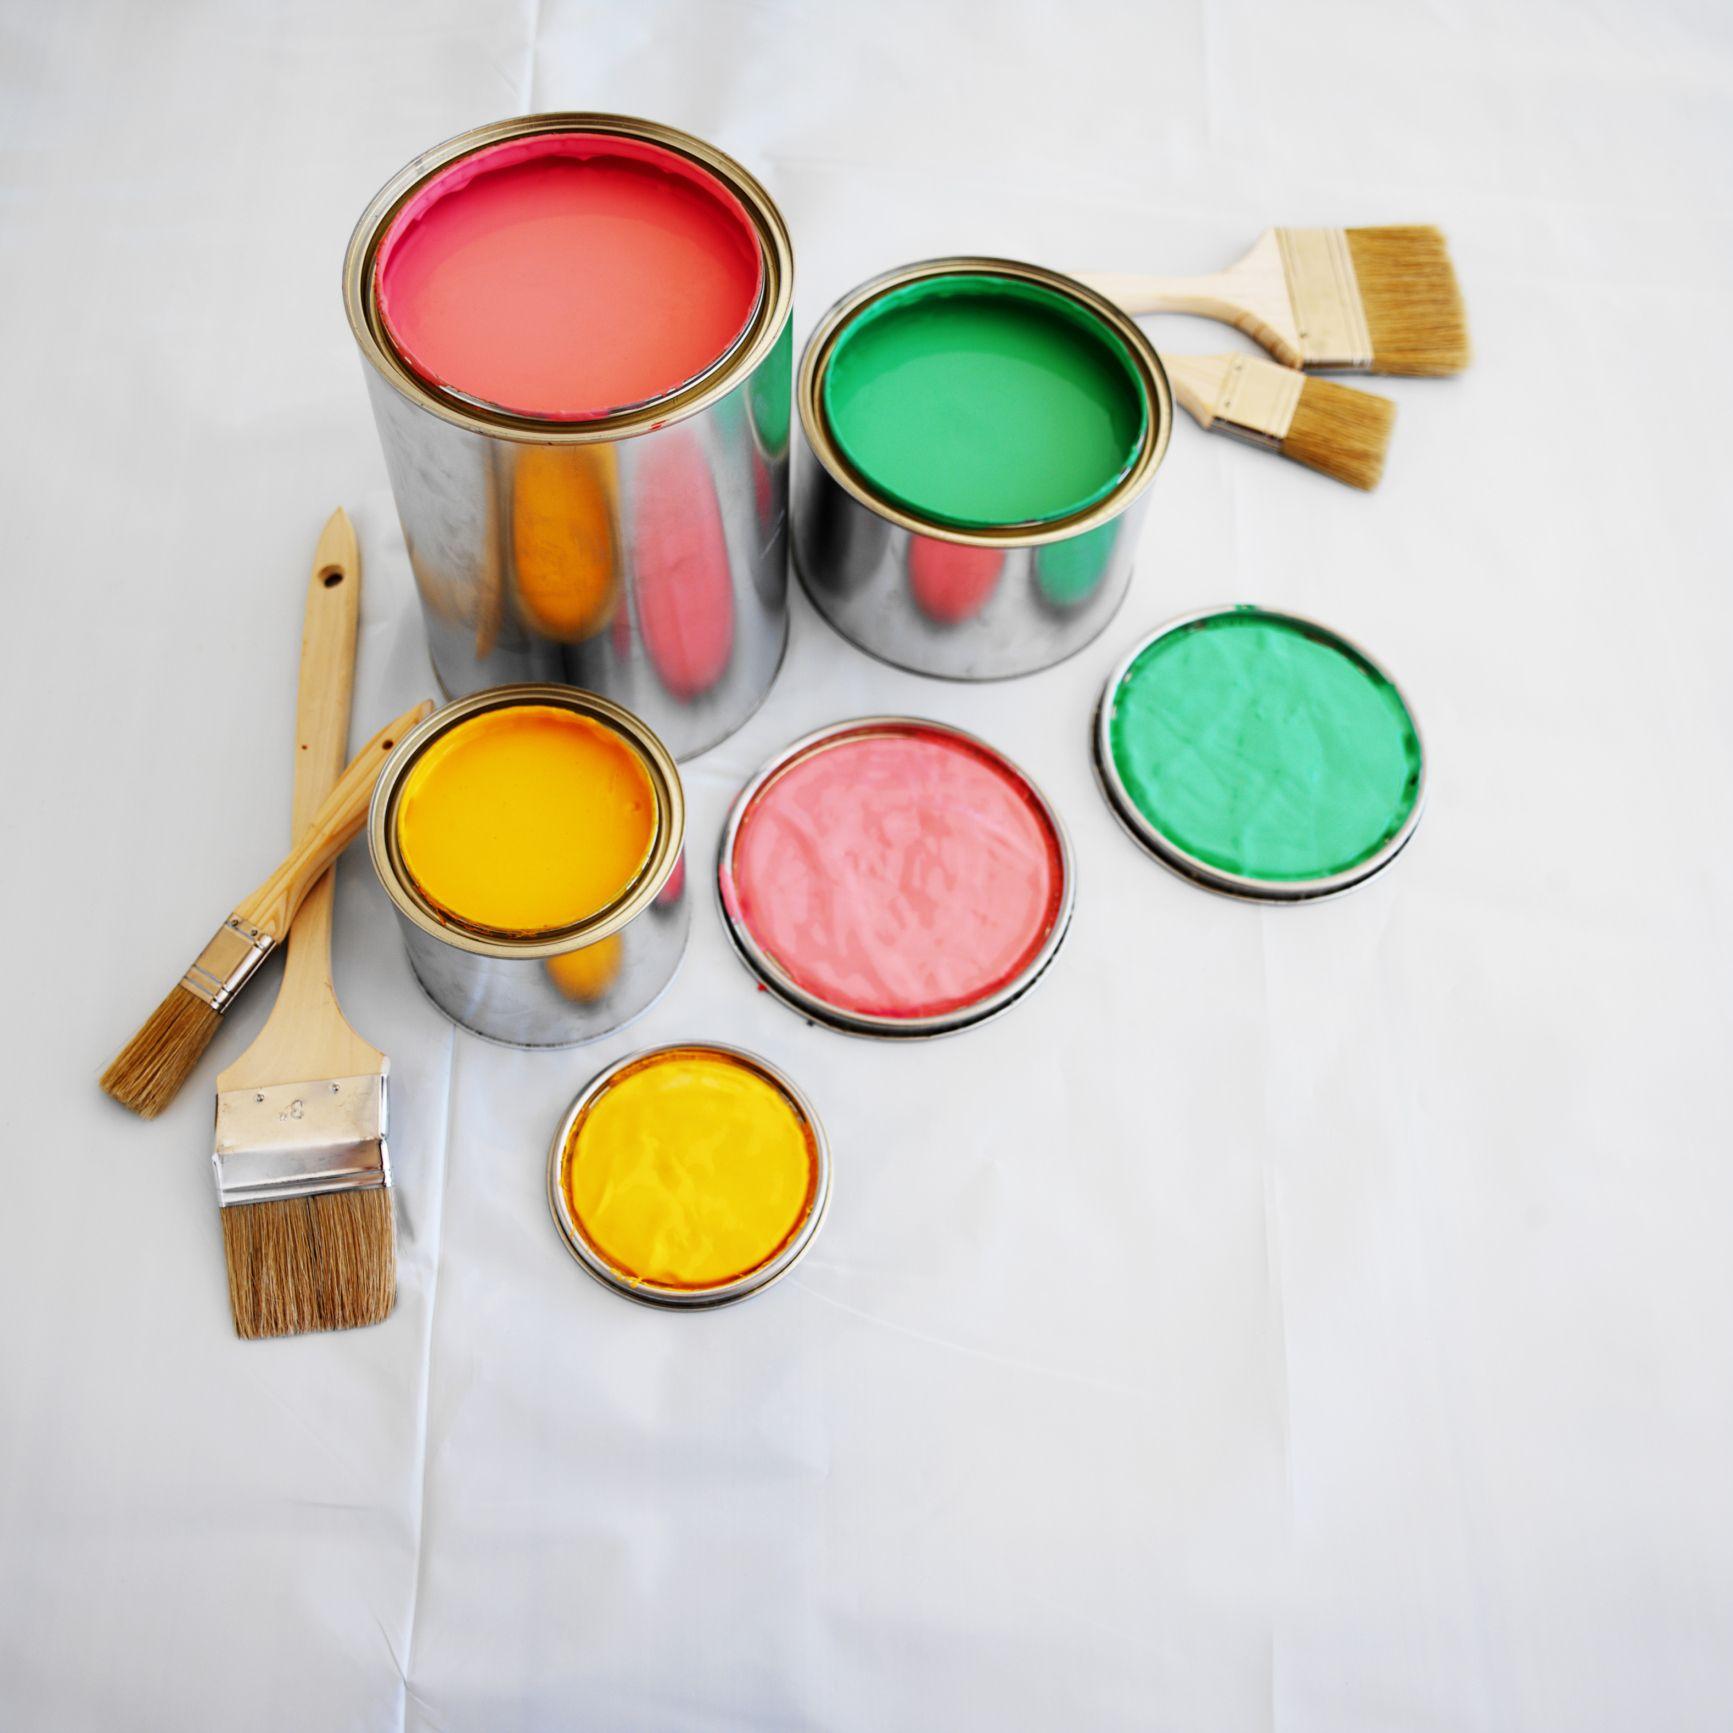 Mar 16, · Antes de pintar una pared es muy importante preparar su superficie. Reparar desconchados, fisuras y agujeros producidos por tacos es muy fácil, solo tenéis q.